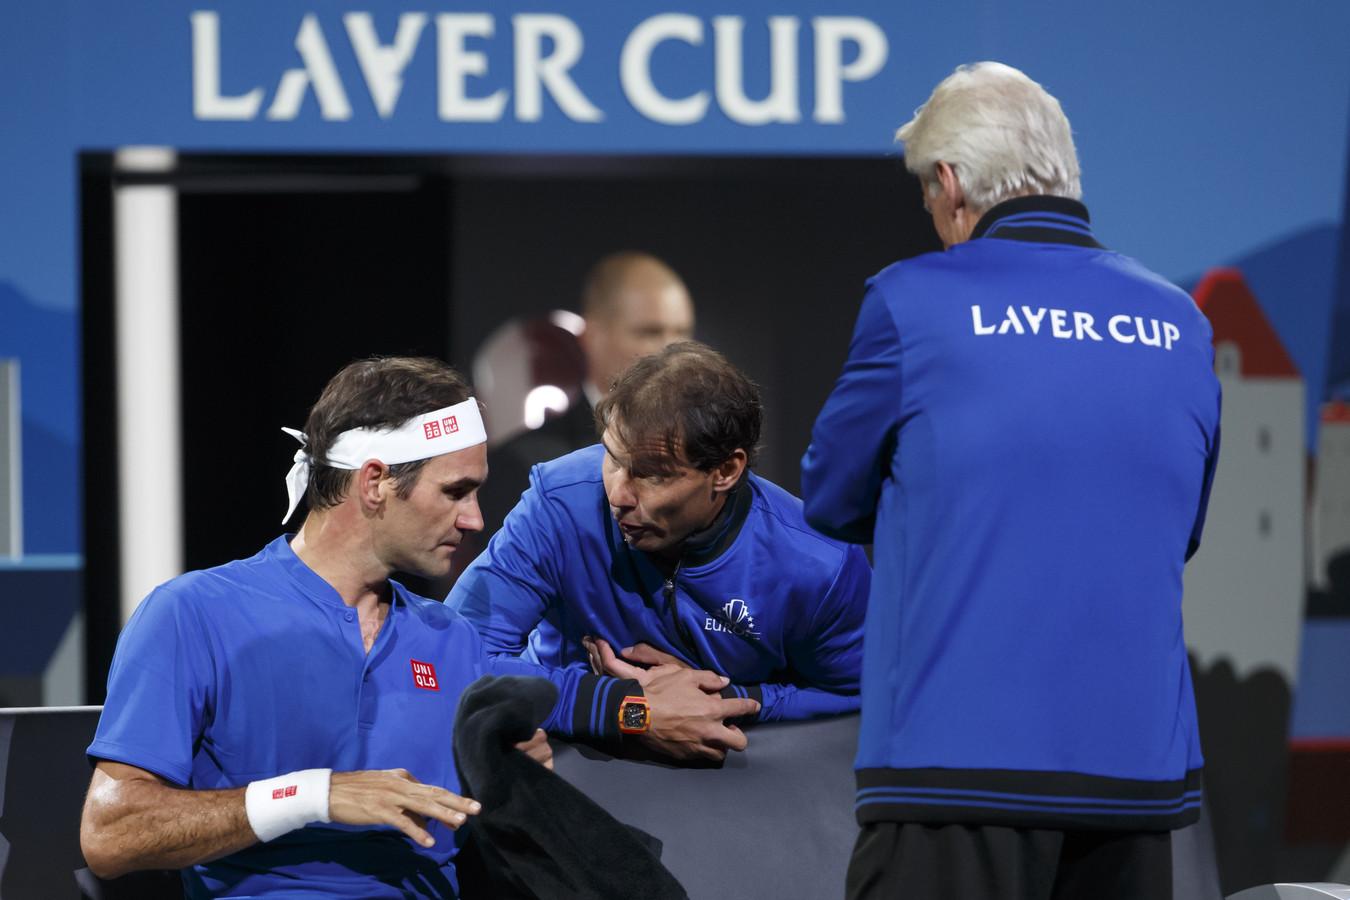 Björn Borg en Rafael Nadal voorzien Roger Federer van advies.